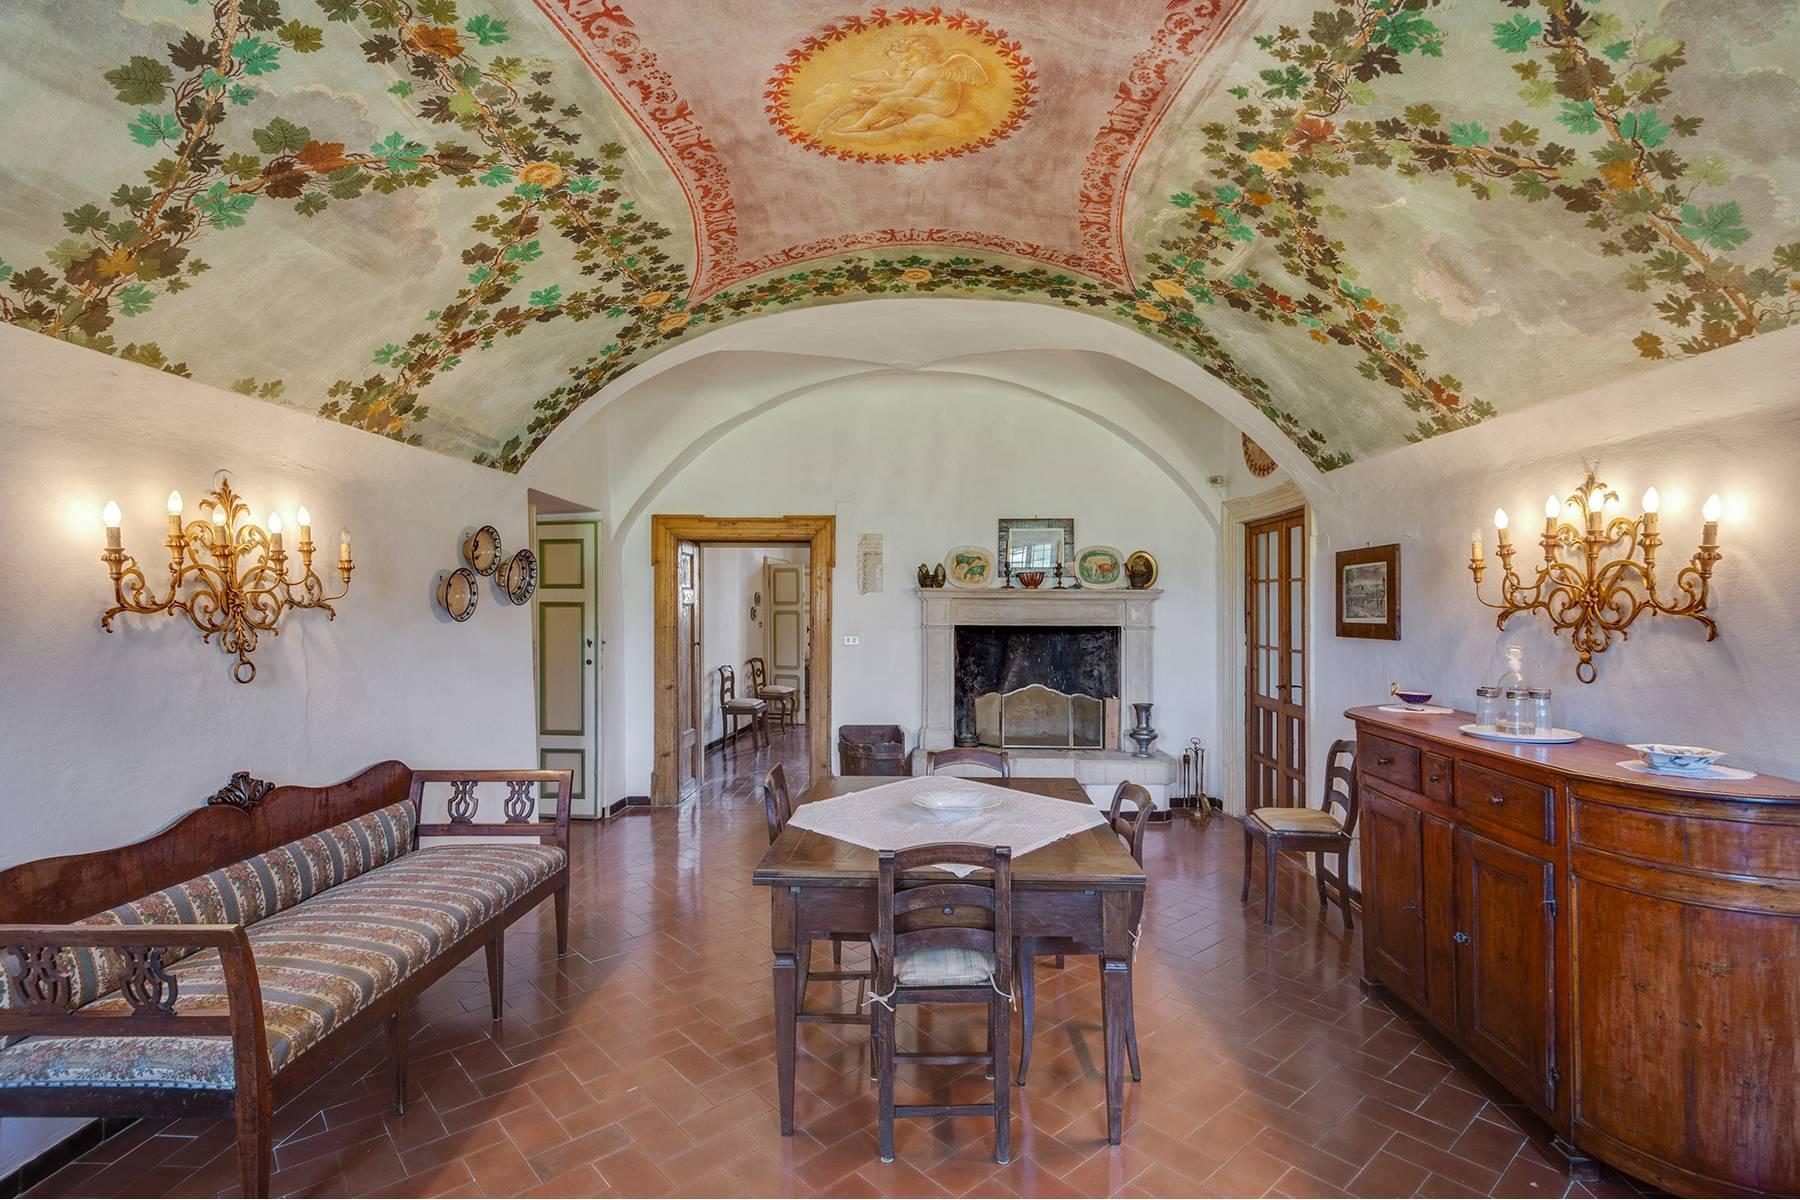 Historische Villa mit Park und prächtigem alten Keller, umgeben von Weinbergen - 20